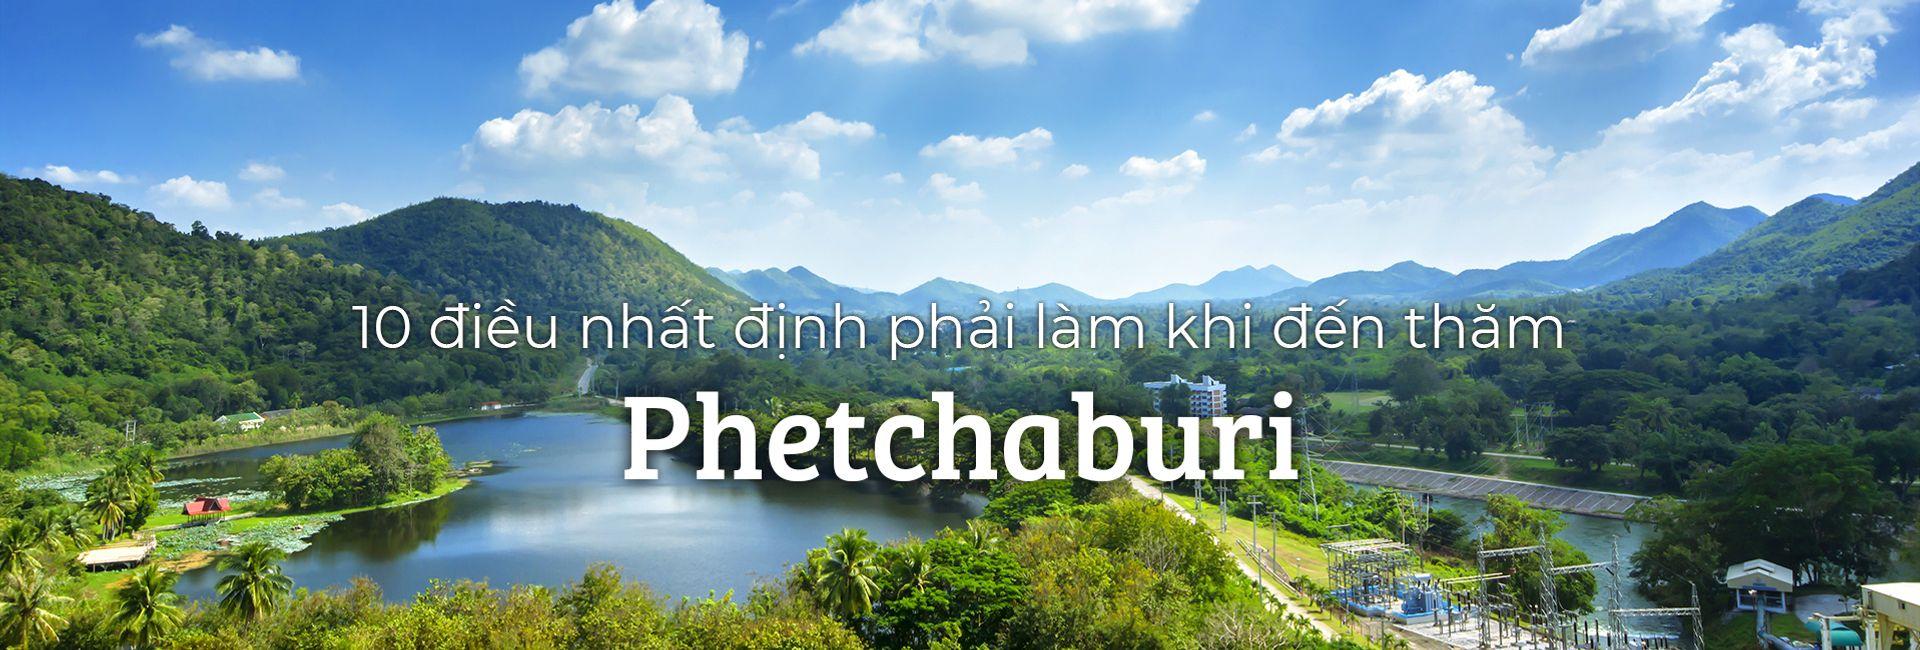 Top 10 điều nên làm khi du lịch Phetchaburi, Thái Lan